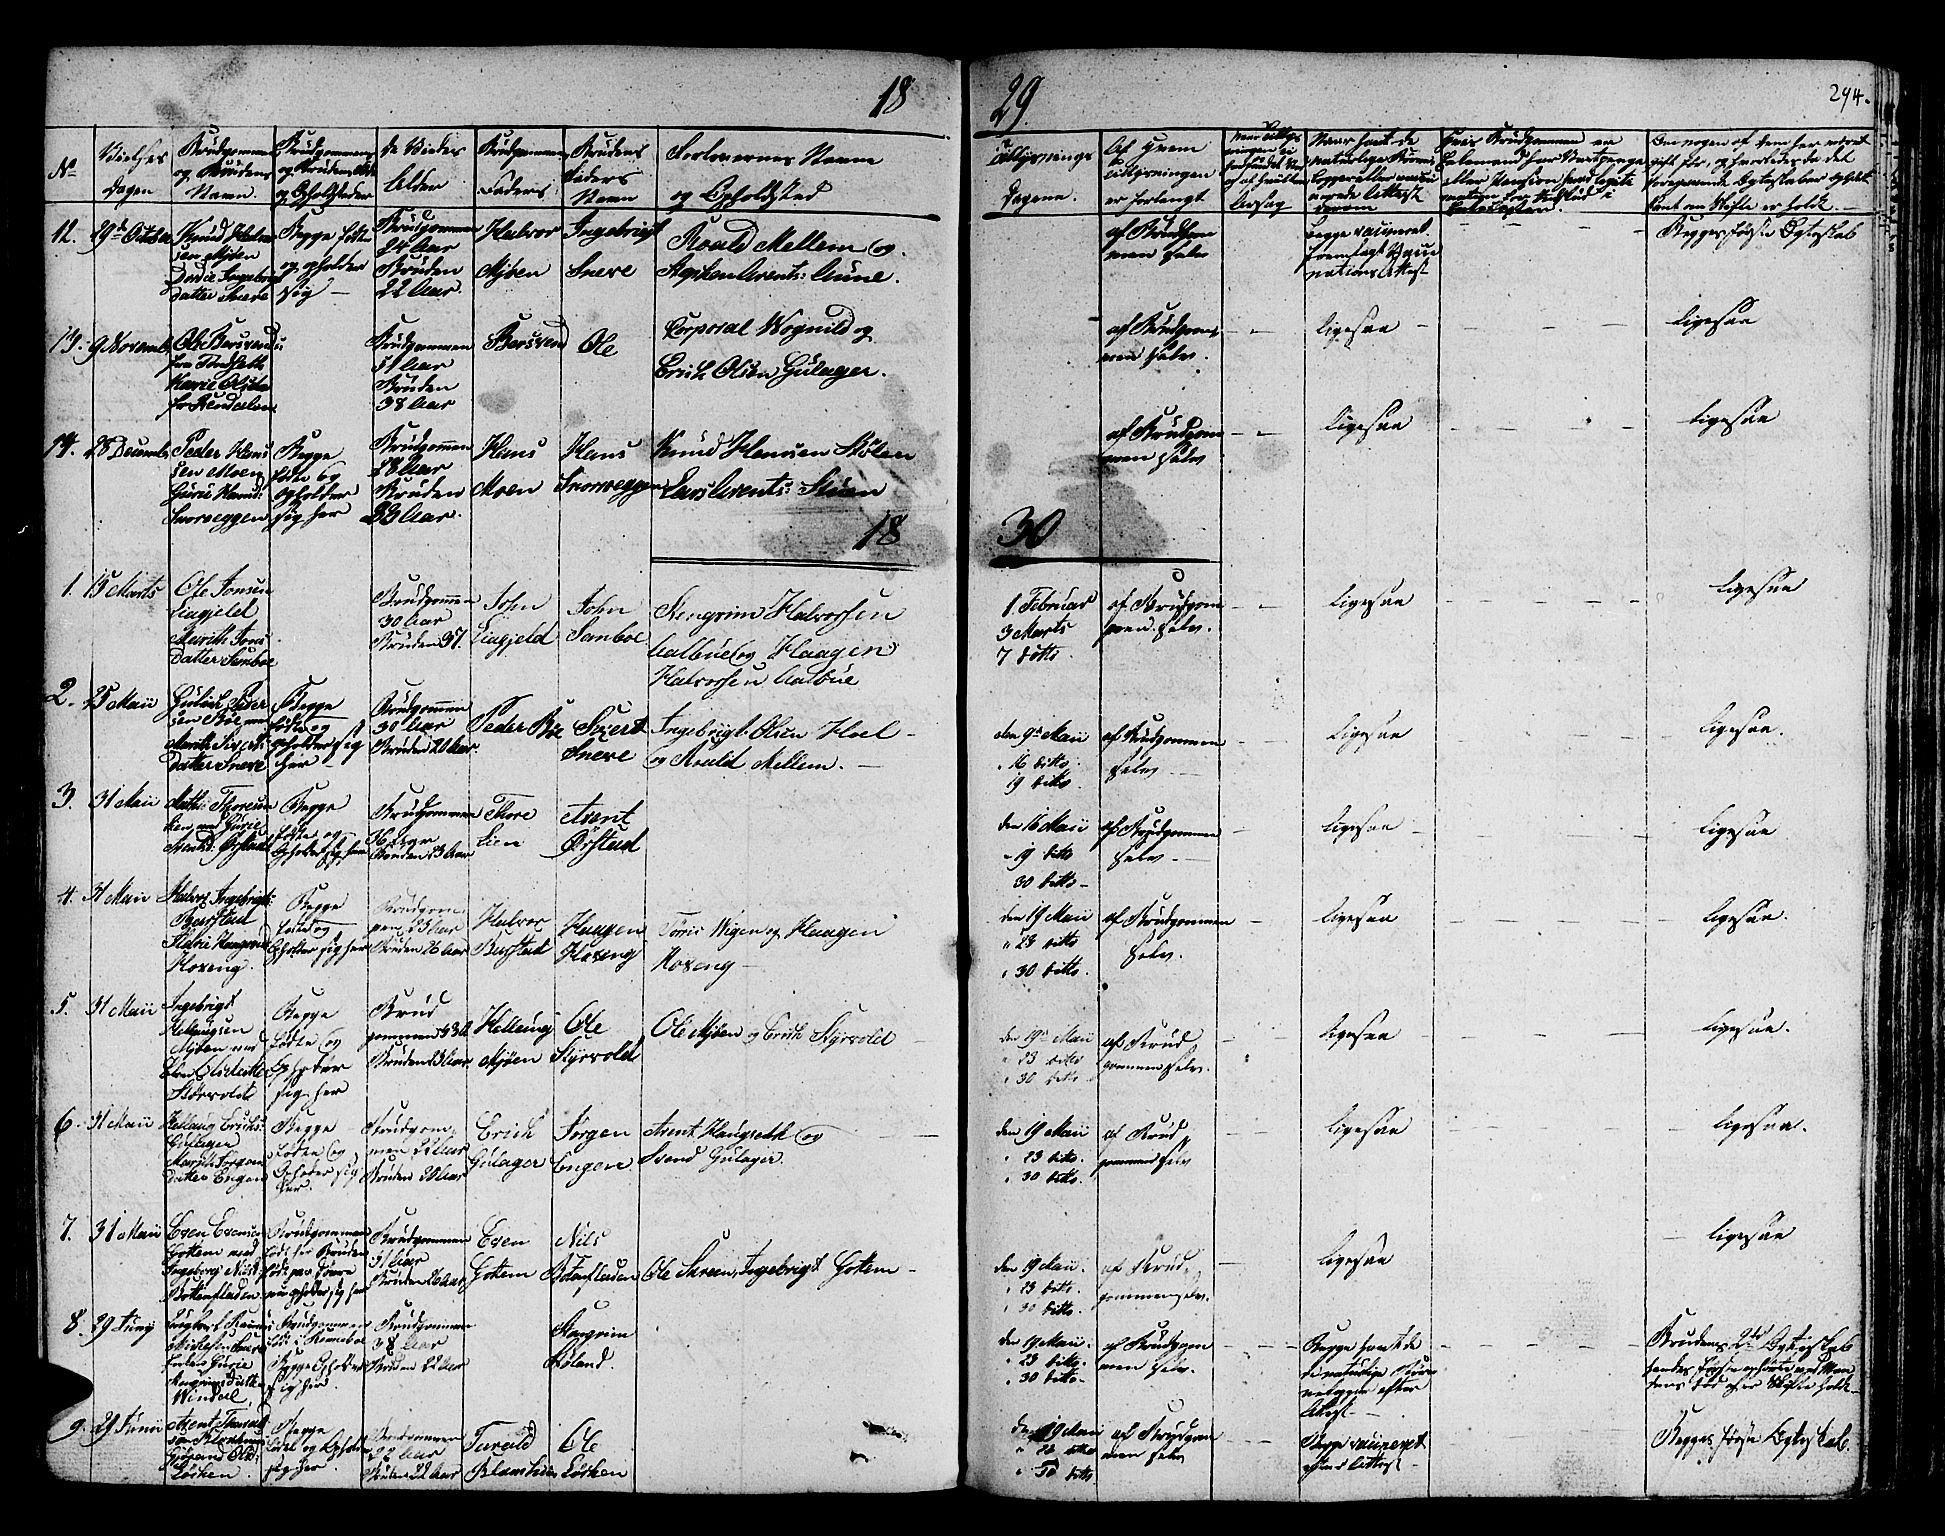 SAT, Ministerialprotokoller, klokkerbøker og fødselsregistre - Sør-Trøndelag, 678/L0897: Ministerialbok nr. 678A06-07, 1821-1847, s. 294